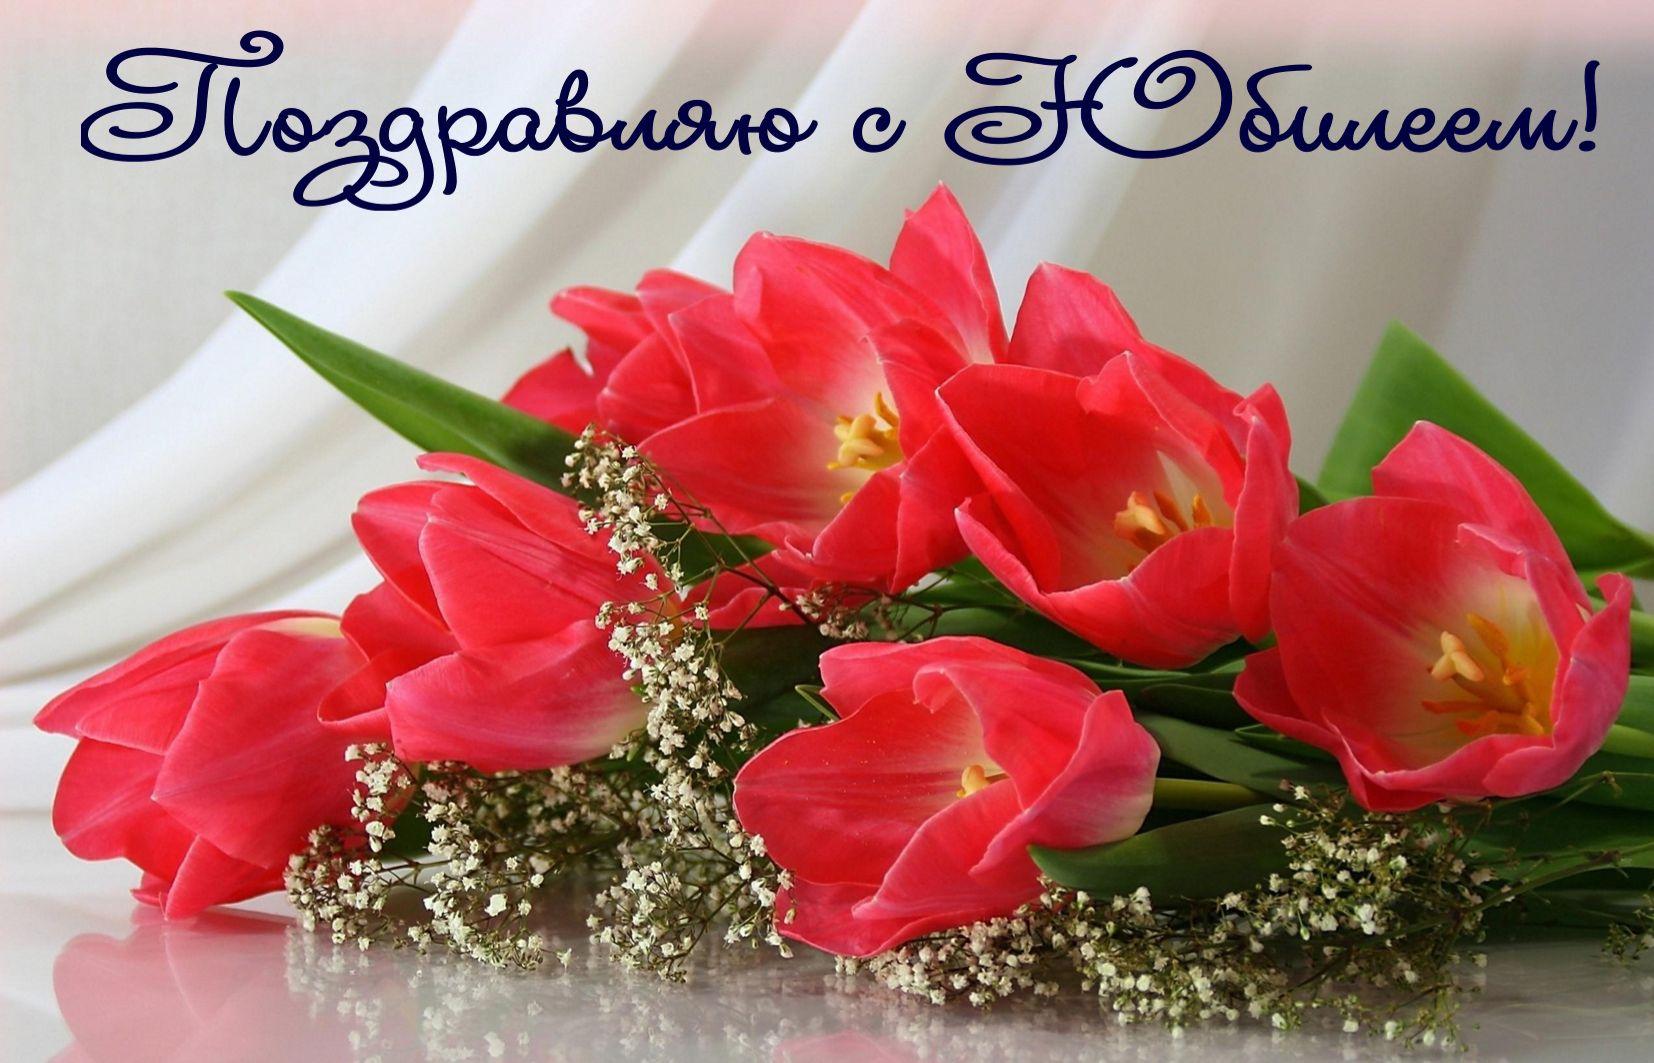 Благодарность за поздравления с днем рождения - Поздравок 24